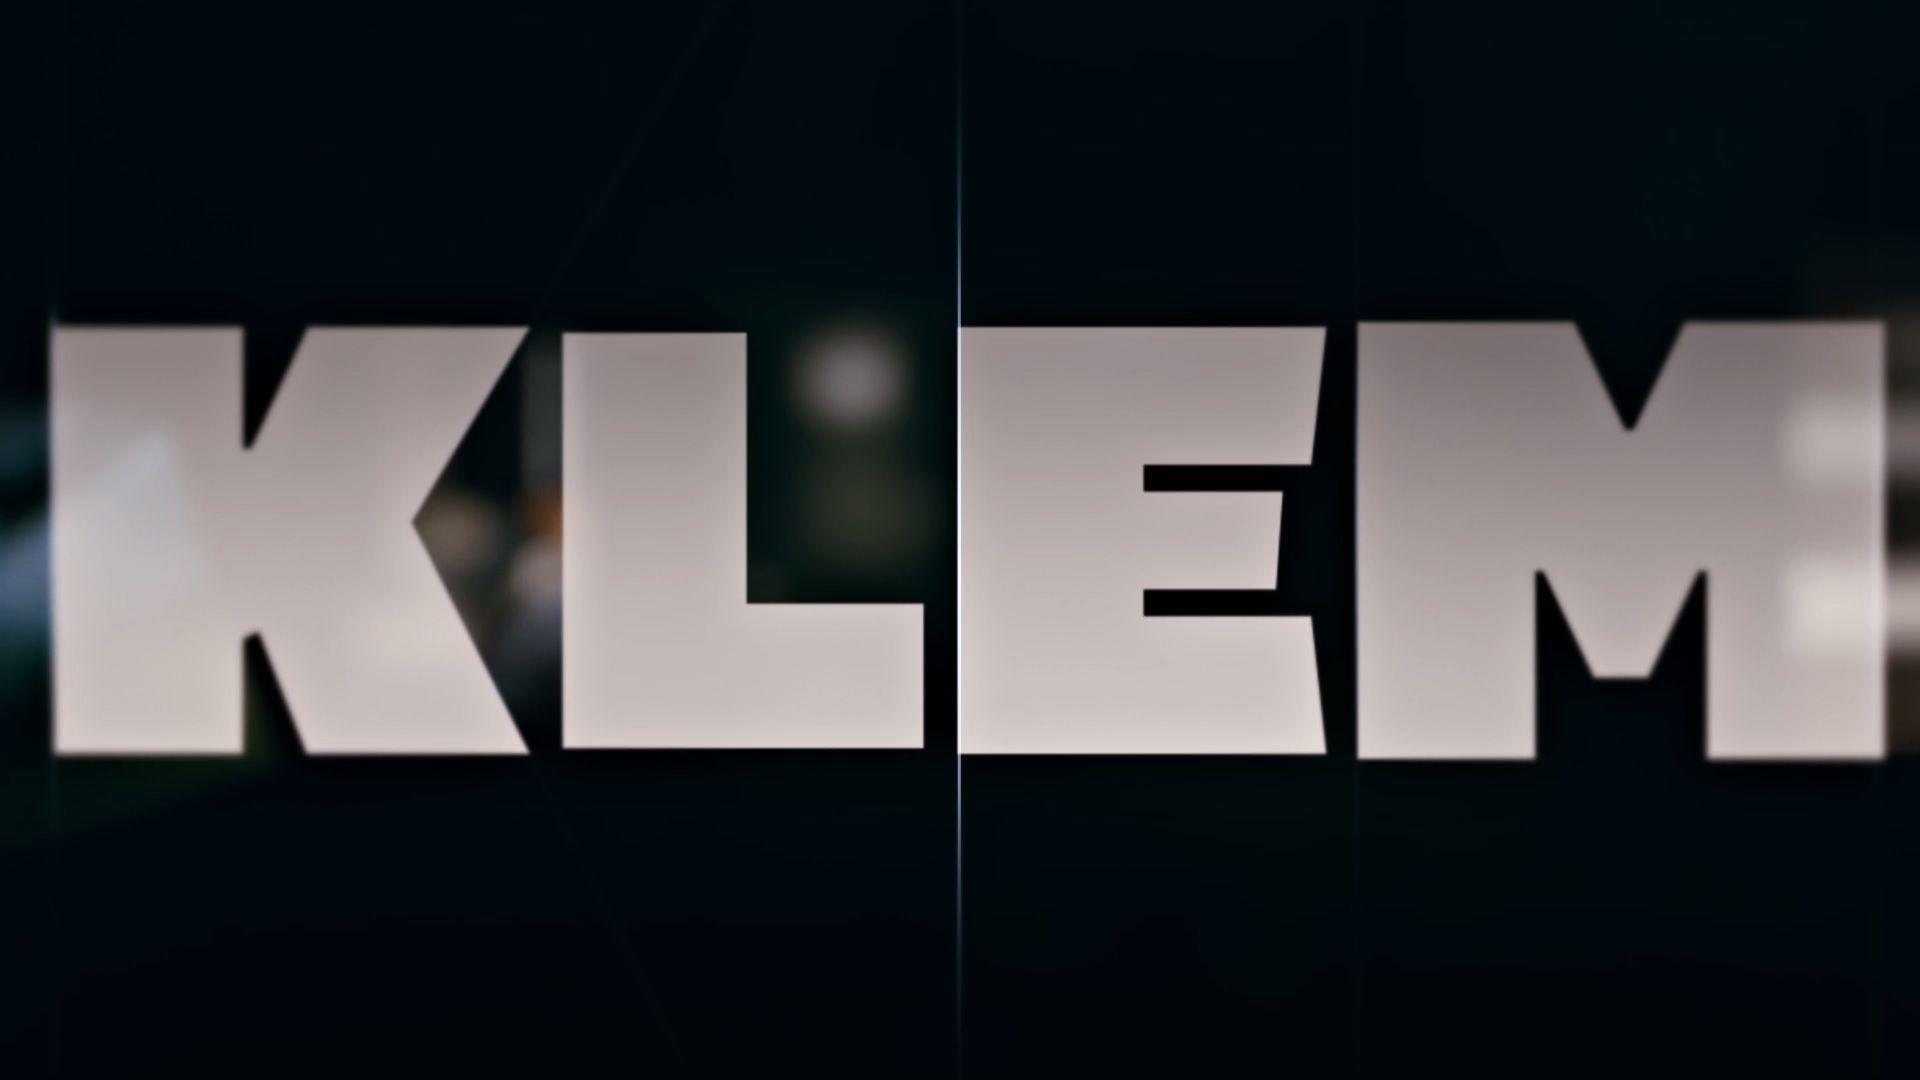 Klem Logo 2